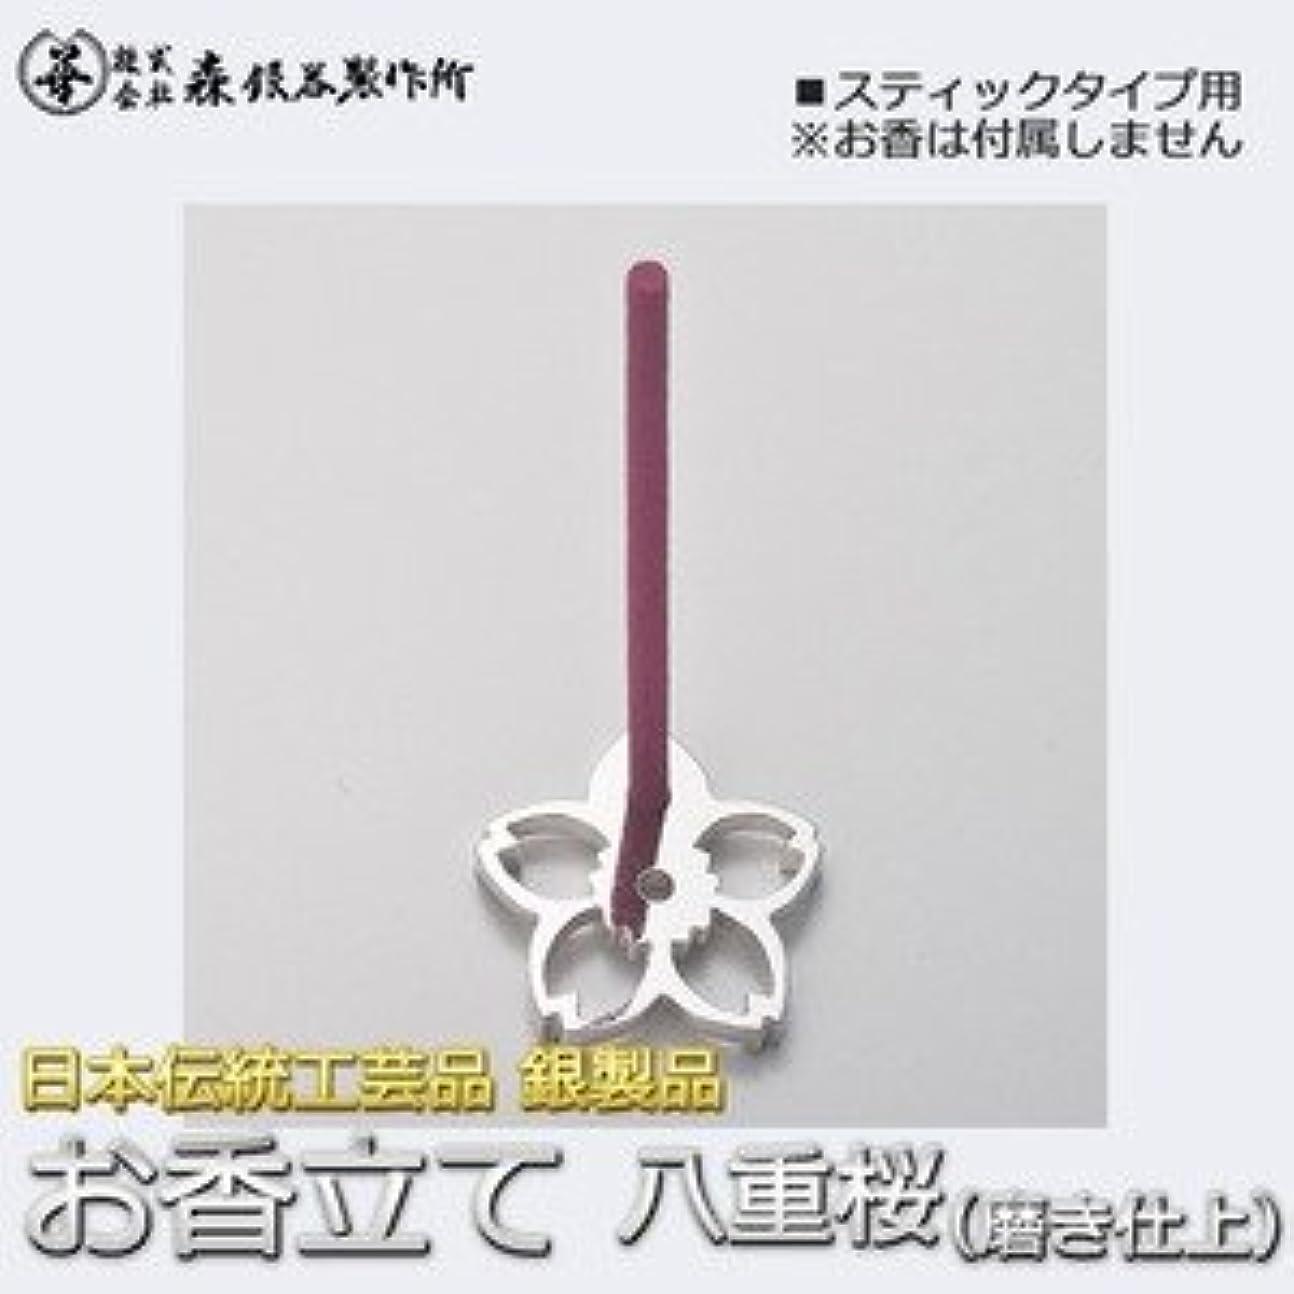 サーバモンゴメリー自宅で香立て 八重桜 銀製 磨き仕上げ 日本伝統工芸品 ハンドメイド スターリングシルバー